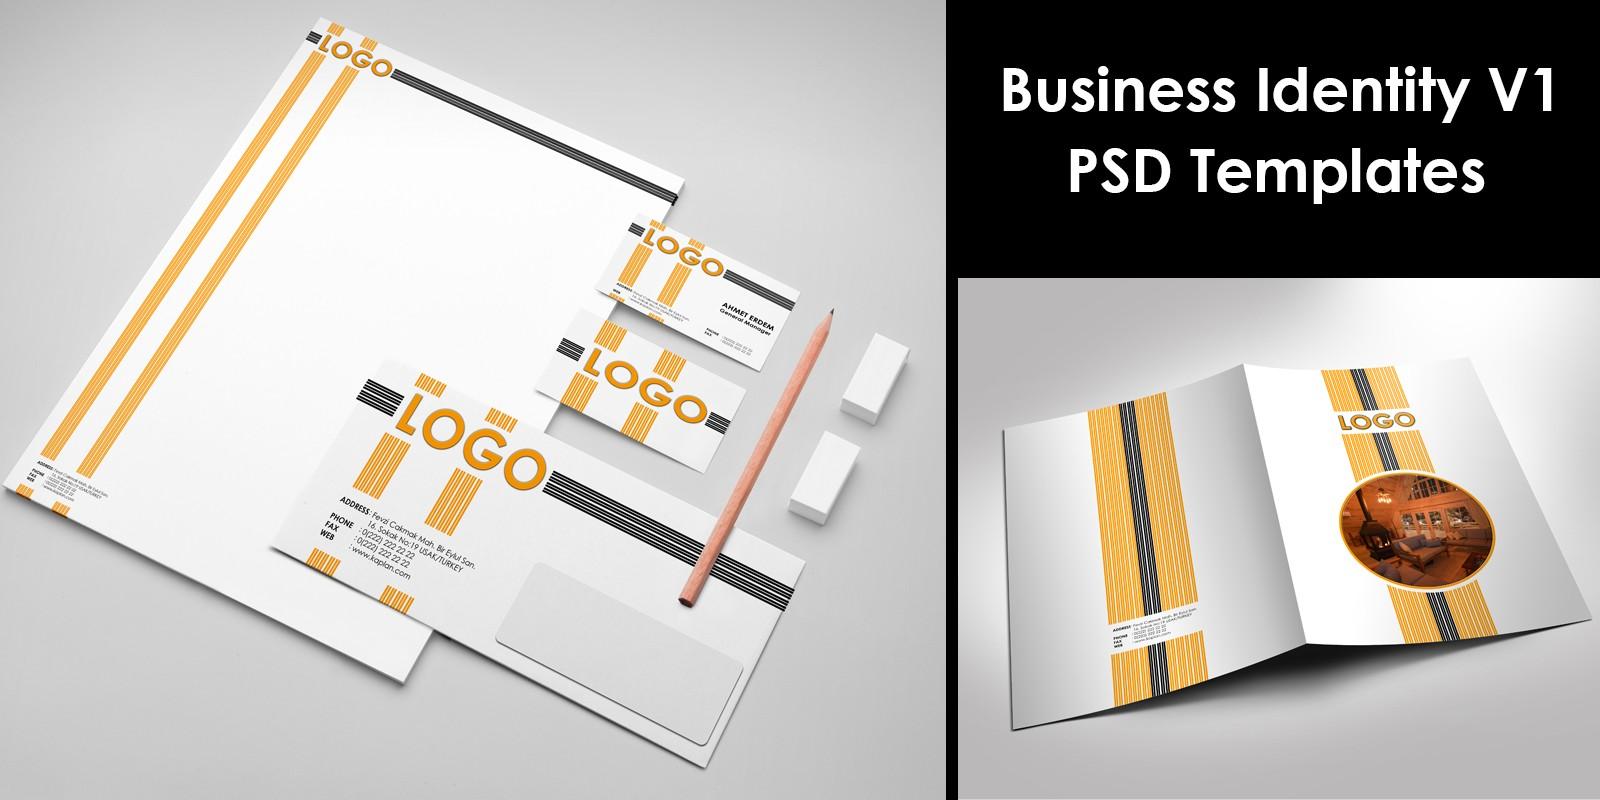 Business Identity V1